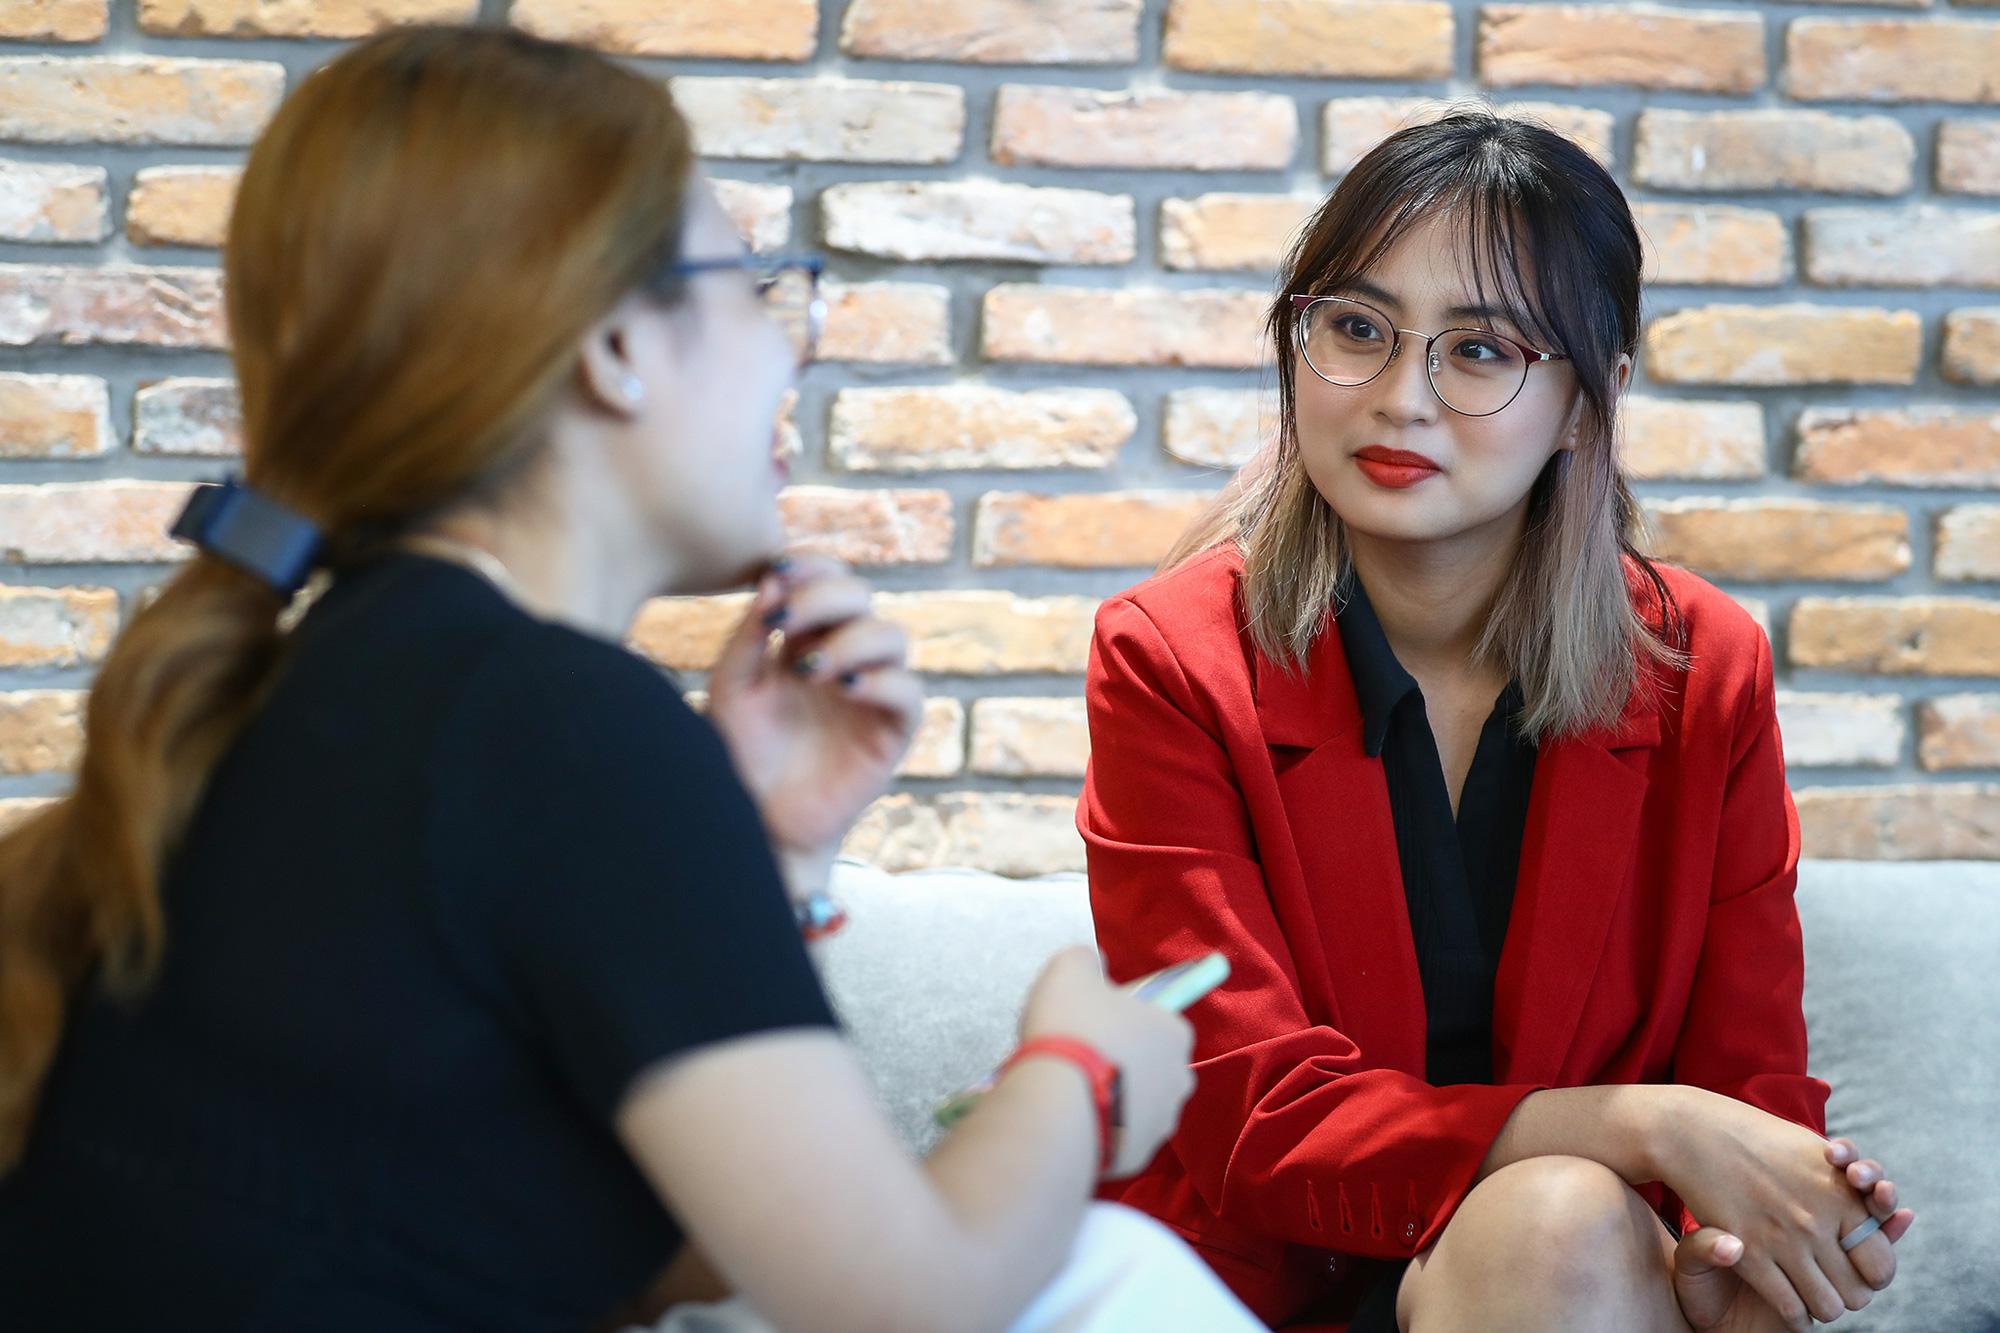 [Ngồi xuống và nghe tôi kể về Esports] Minh Nghi: Mọi người có phần khắc nghiệt với phái nữ trong giới thể thao điện tử  - Ảnh 9.